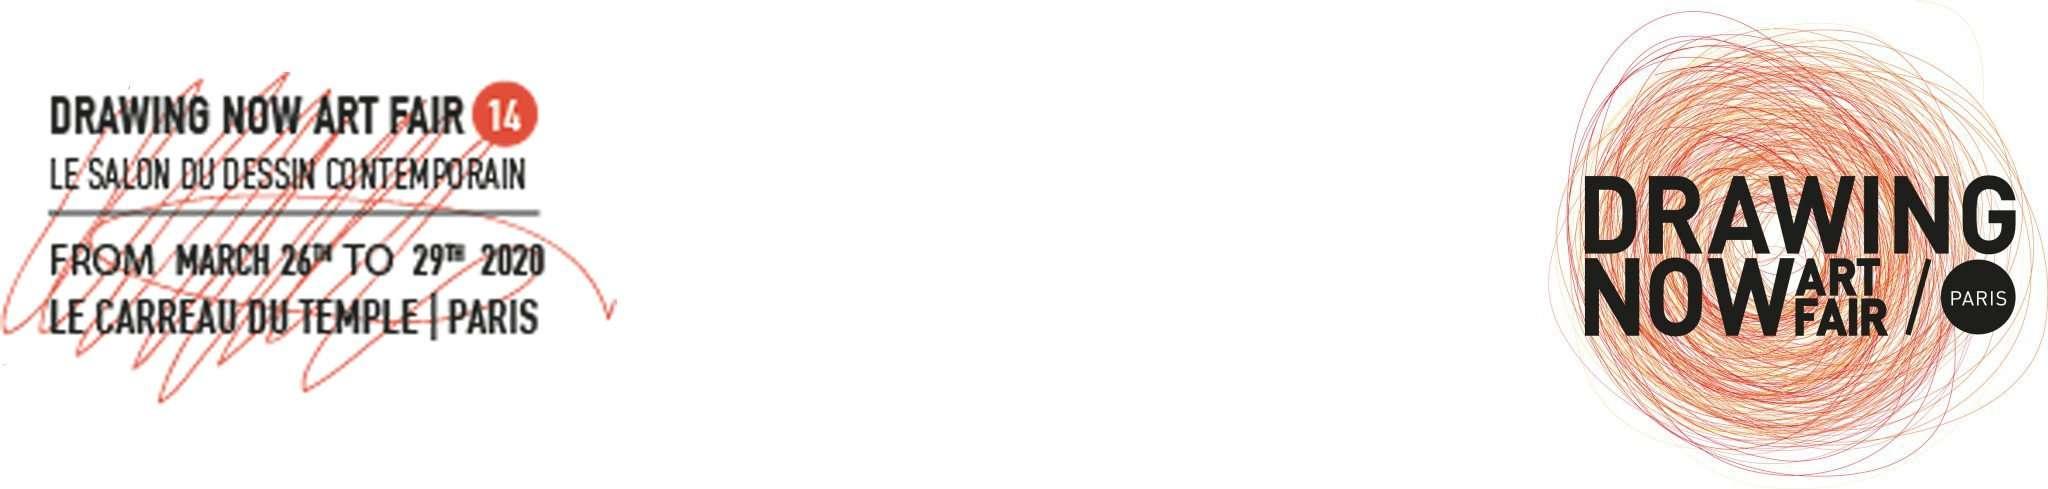 Anthony Cudahy, Guillaume Dégé, Hippolyte Hentgen, Françoise Pétrovitch, Abraham Poincheval & Julien Tiberi Drawing Now, Paris (FR) Semiose 26 — 29 mars 2020